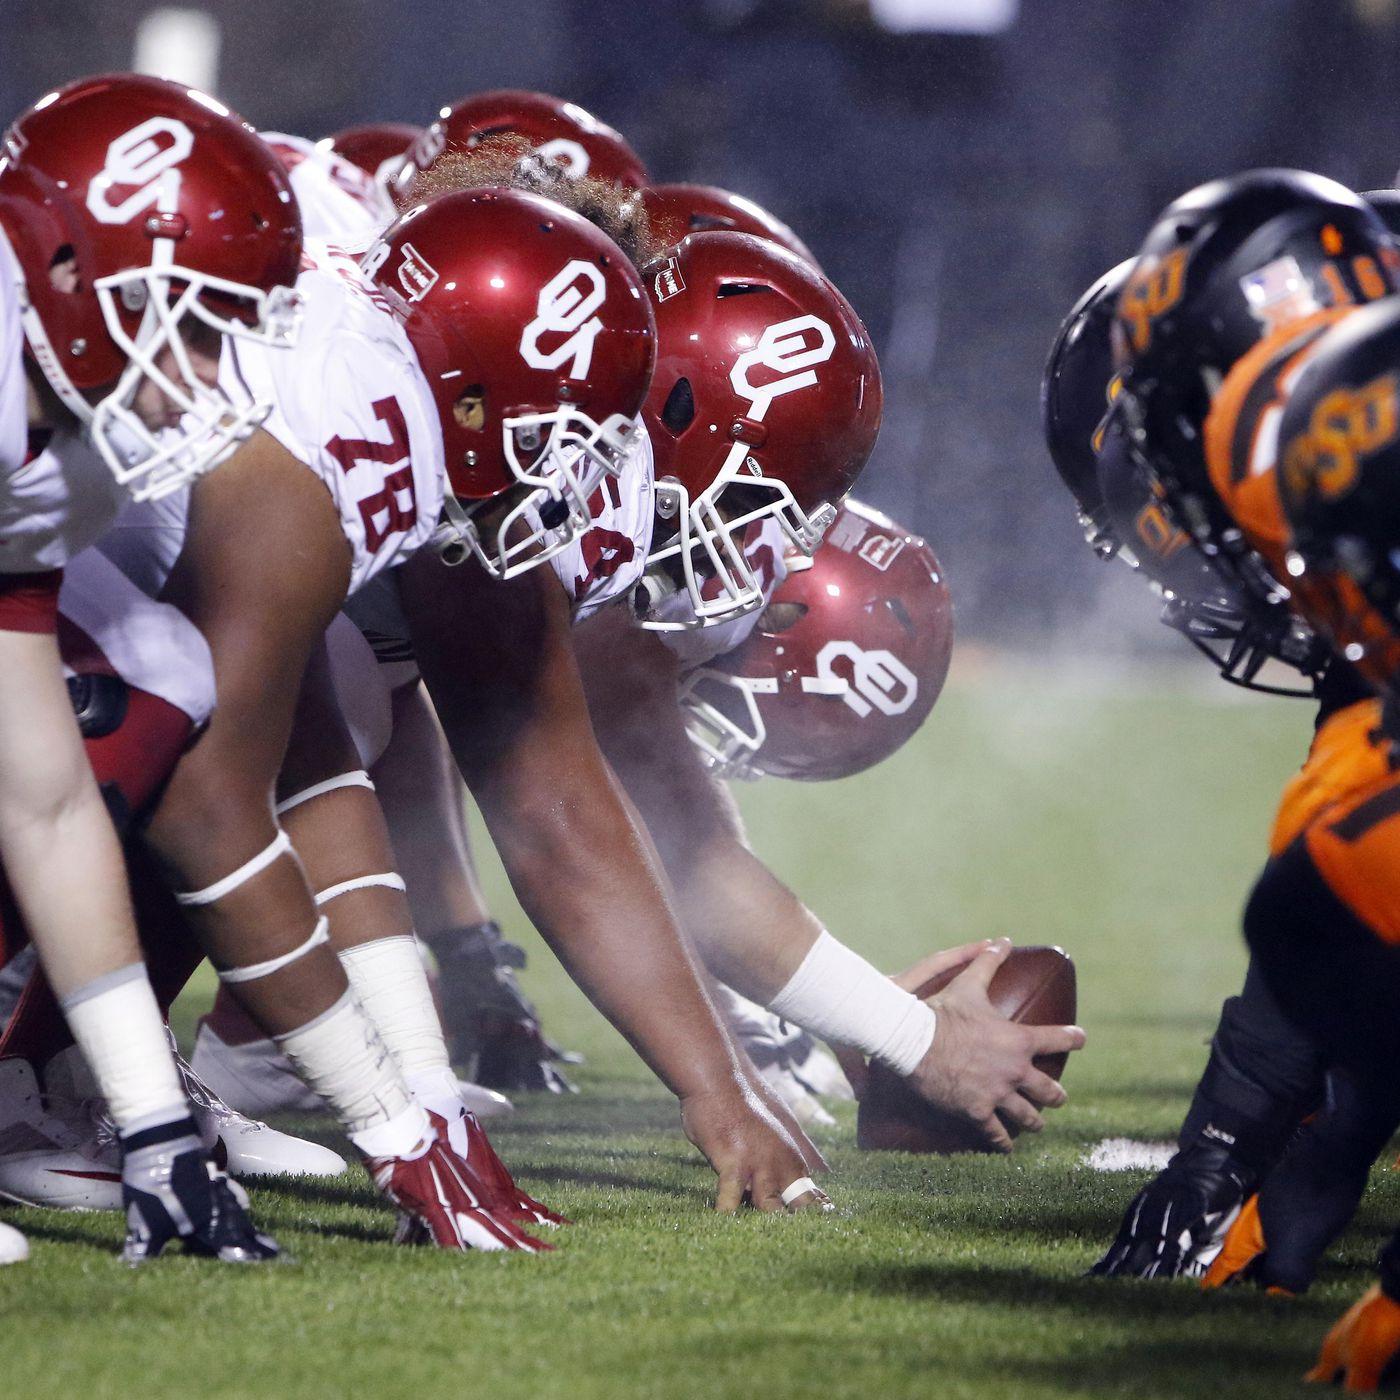 Oklahoma Sooners 2016 NCAA football pocket schedule